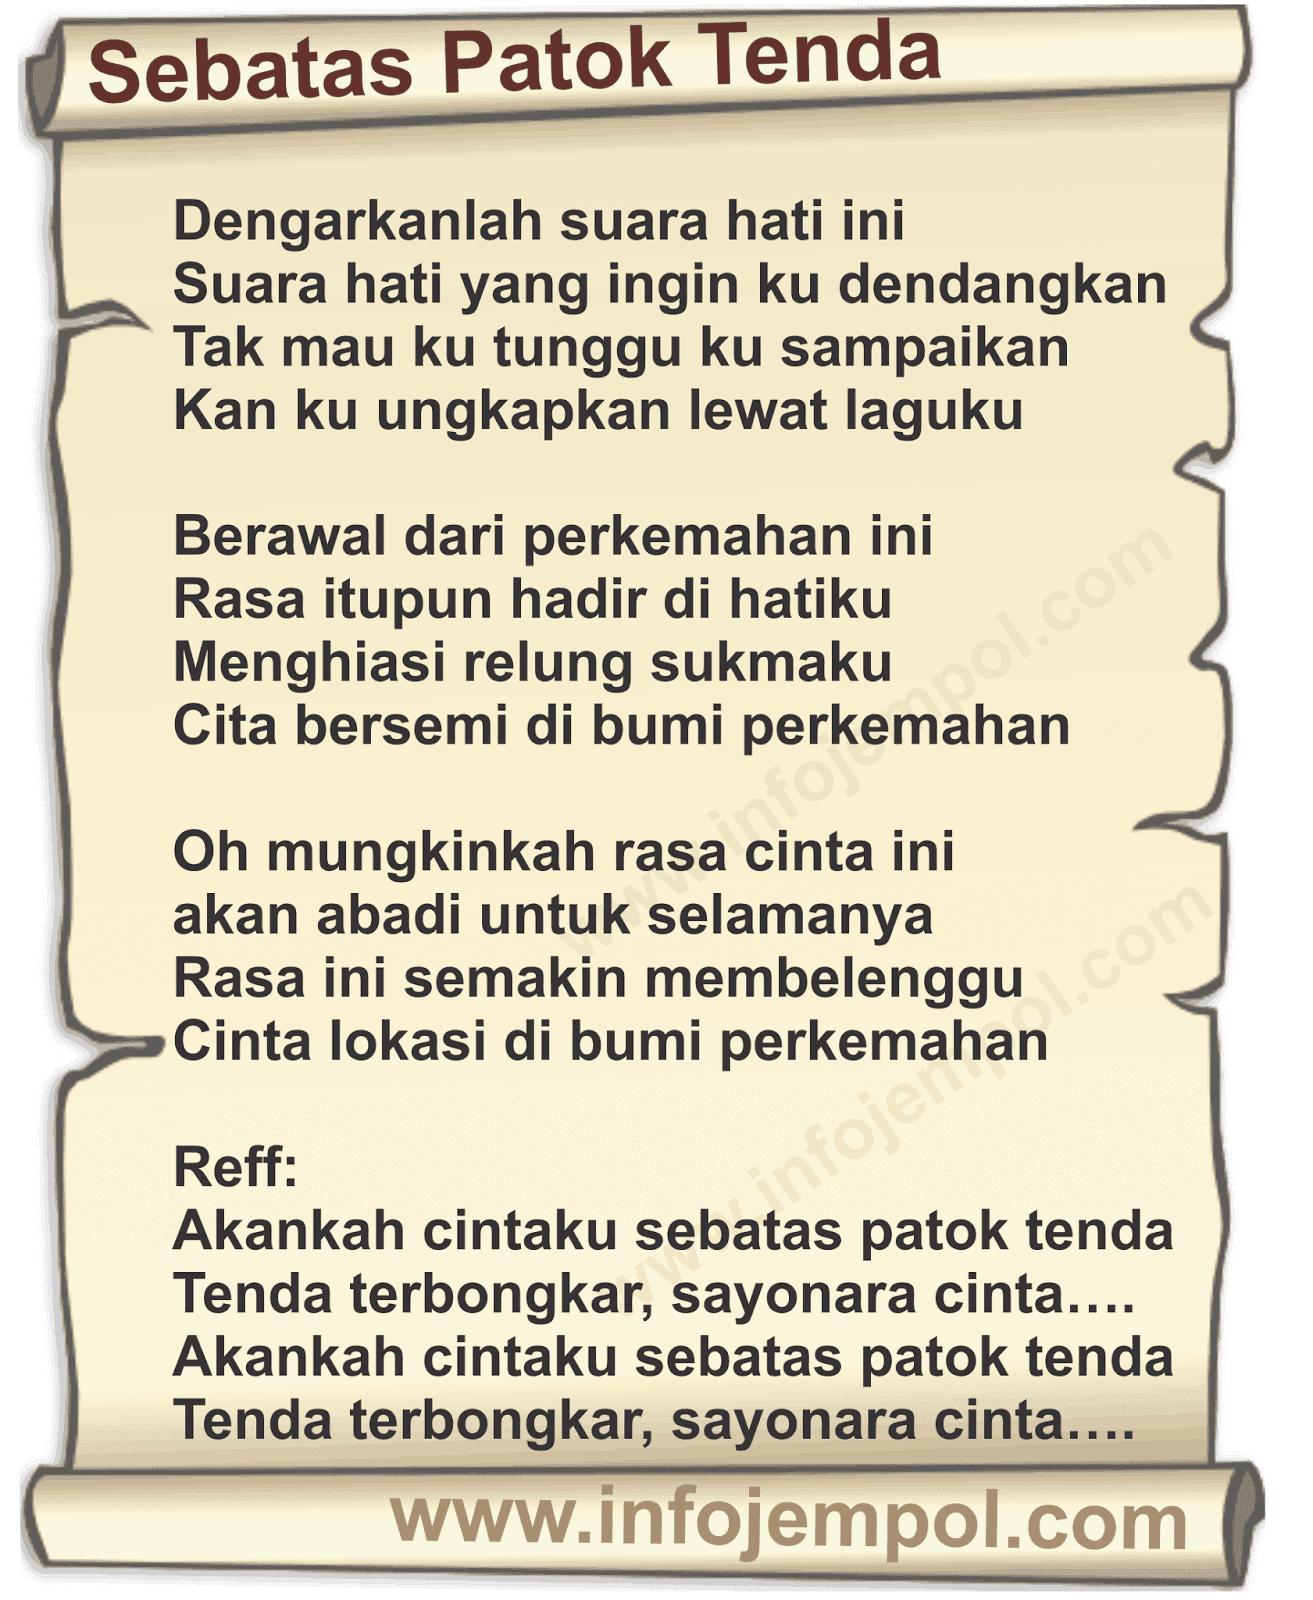 Chord N Lirik Republik: Lirik Lagu Sebatas Patok Tenda (Download Mp3